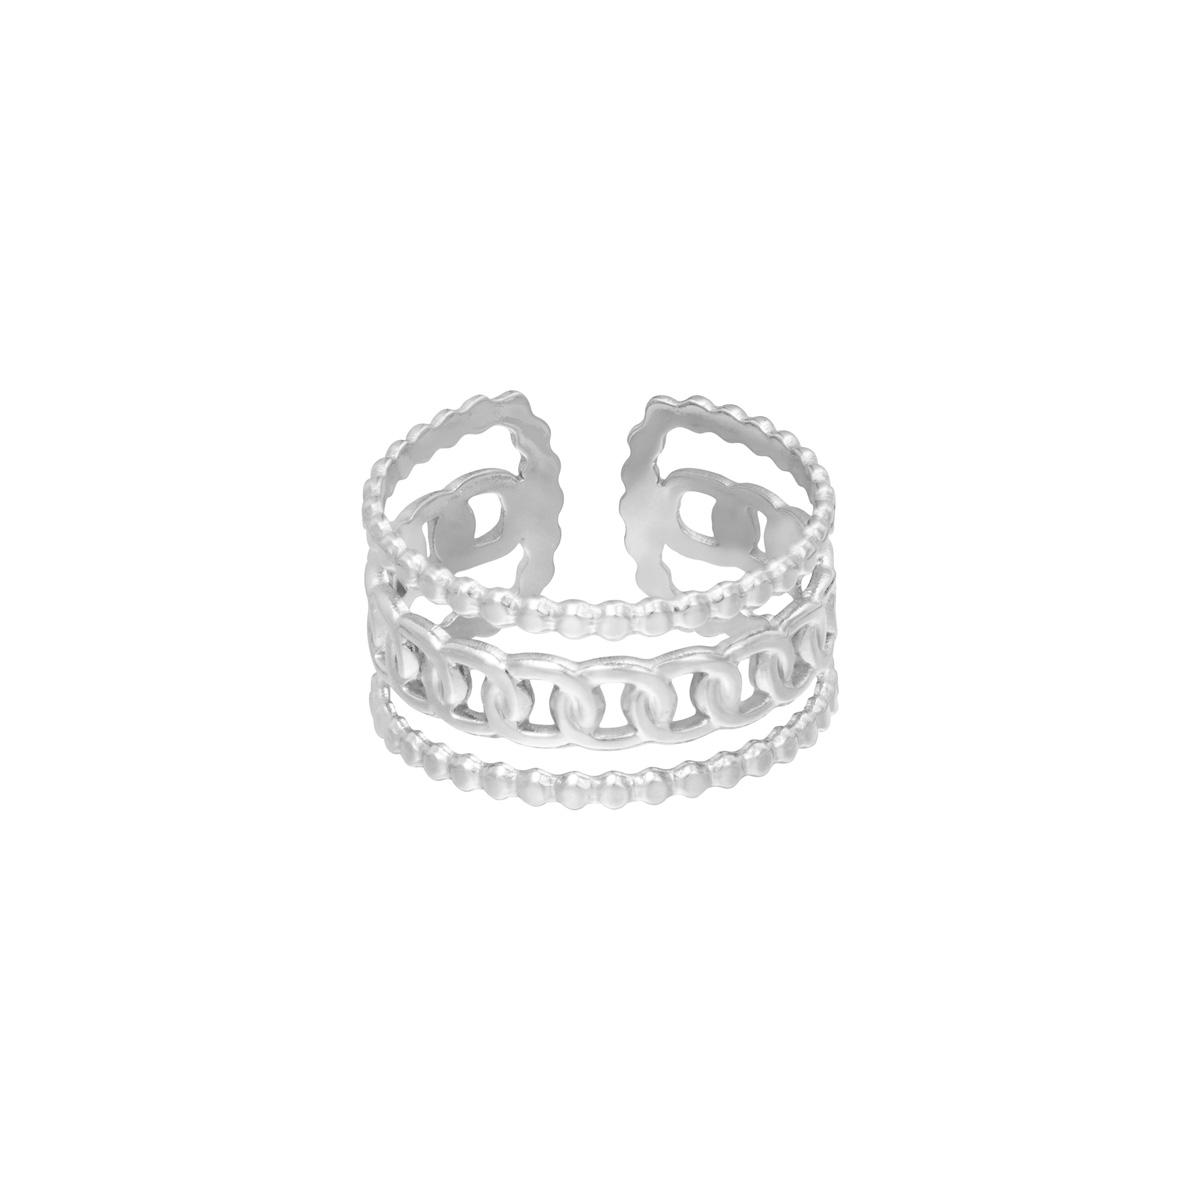 Brede Ring Sophie zilver zilveren trendy lagen ringen schakelketting detail yehwang sieraden kopen bestellen